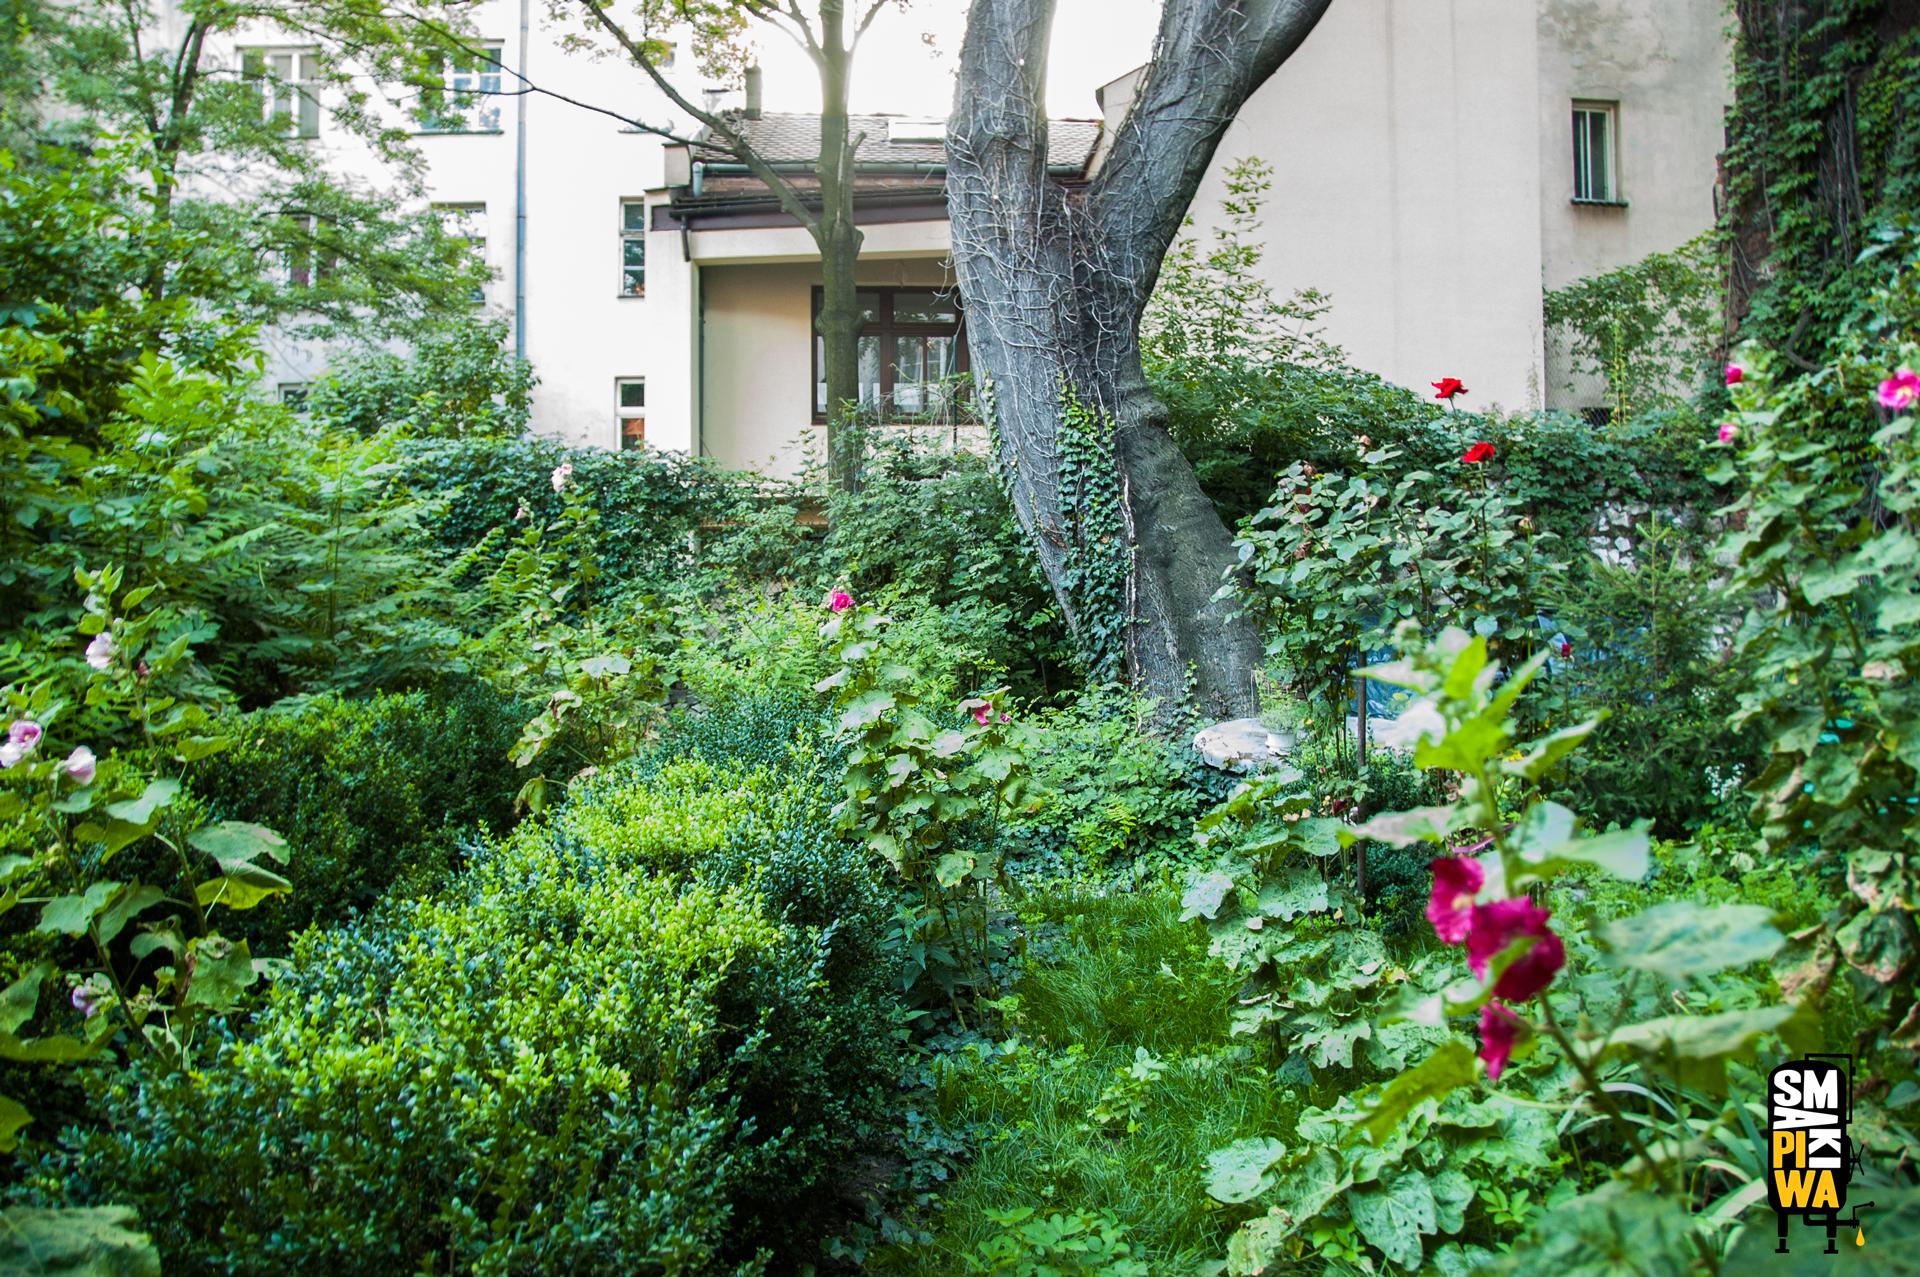 Przepiękny ogród, będzie świetnym miejscem nadegustacje piwa.